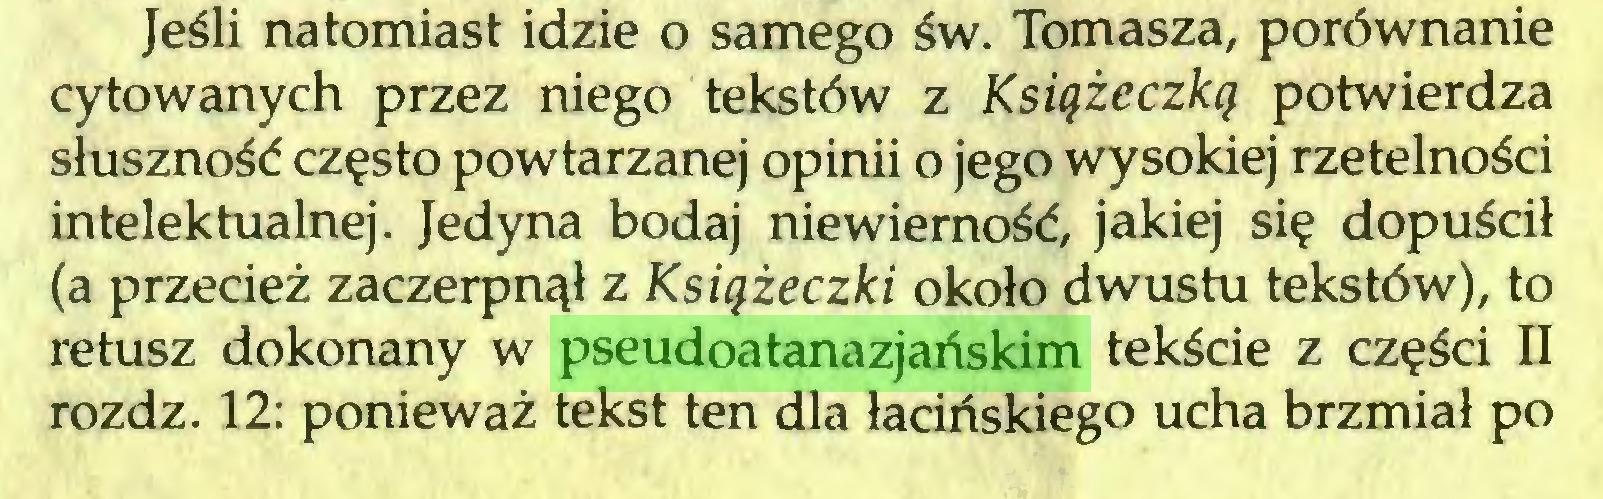 (...) Jeśli natomiast idzie o samego św. Tomasza, porównanie cytowanych przez niego tekstów z Książeczką potwierdza słuszność często powtarzanej opinii o jego wysokiej rzetelności intelektualnej. Jedyna bodaj niewierność, jakiej się dopuścił (a przecież zaczerpnął z Książeczki około dwustu tekstów), to retusz dokonany w pseudoatanazjańskim tekście z części II rozdz. 12: ponieważ tekst ten dla łacińskiego ucha brzmiał po...